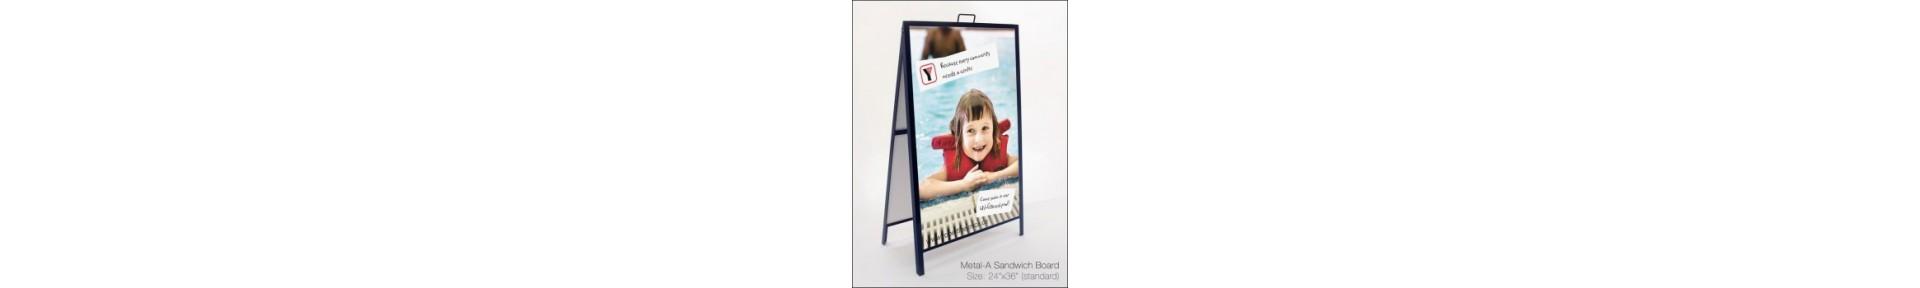 A Frames (Sandwich Board)